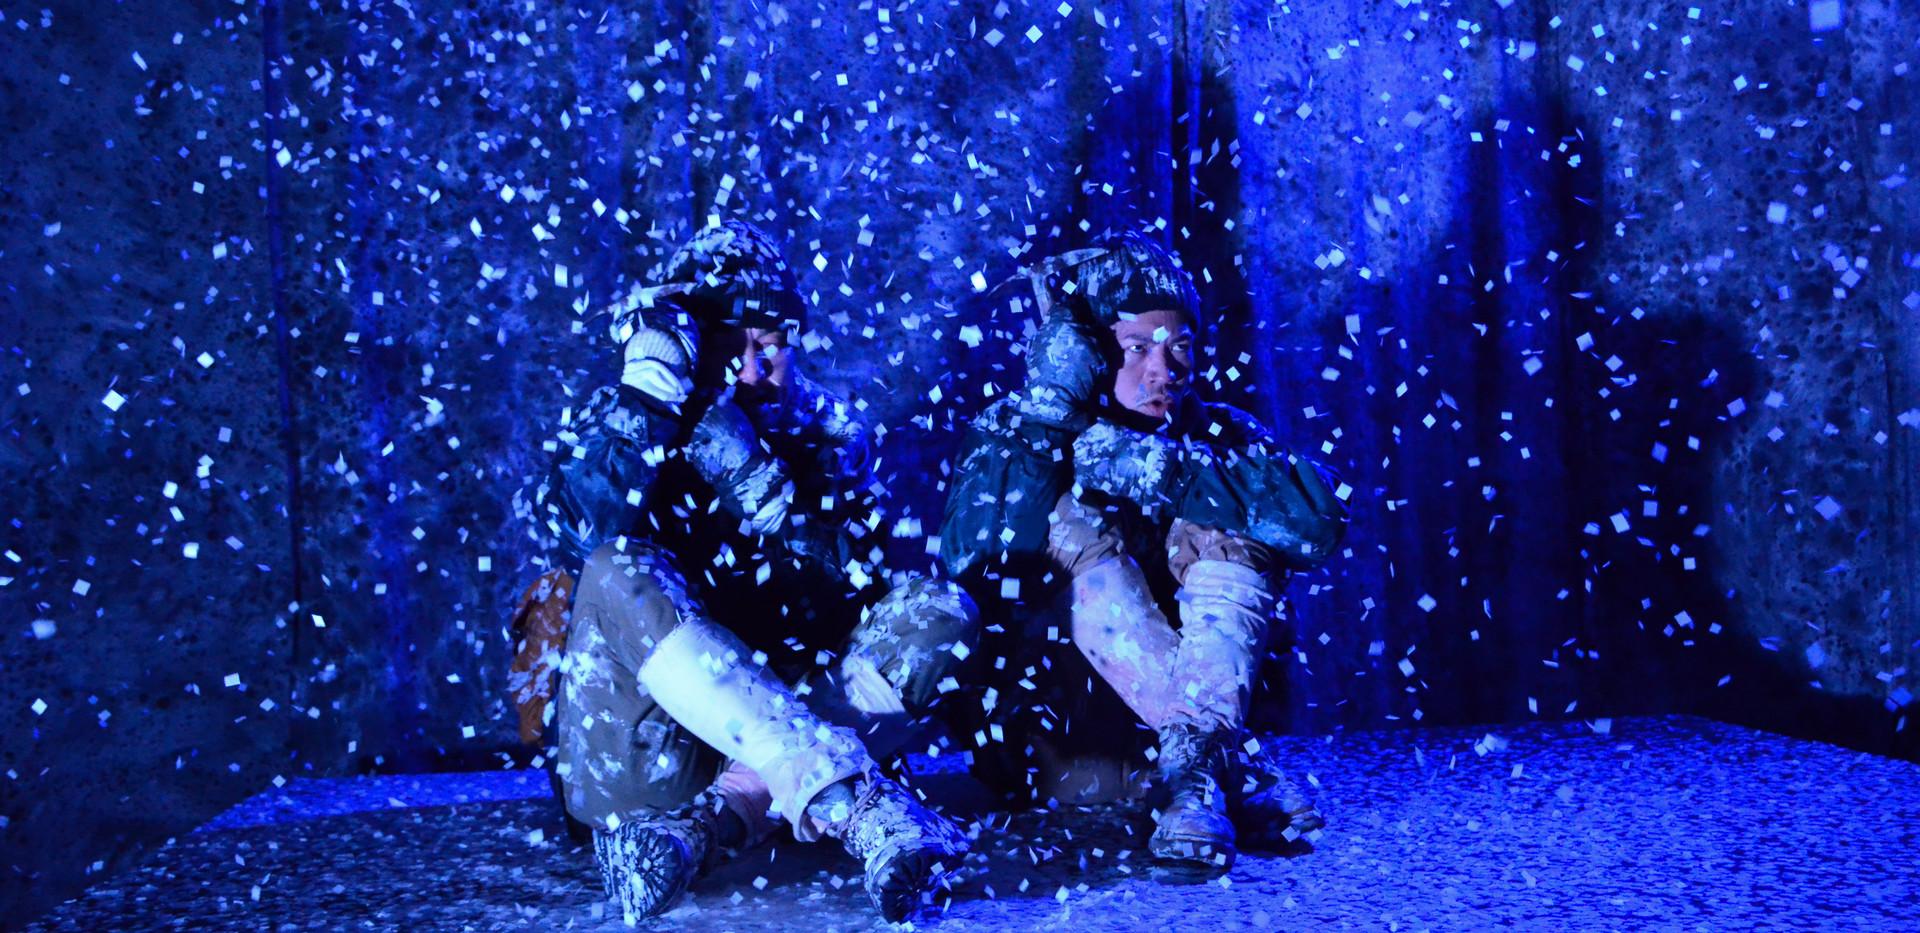 温泉ドラゴン「山の声」舞台写真9